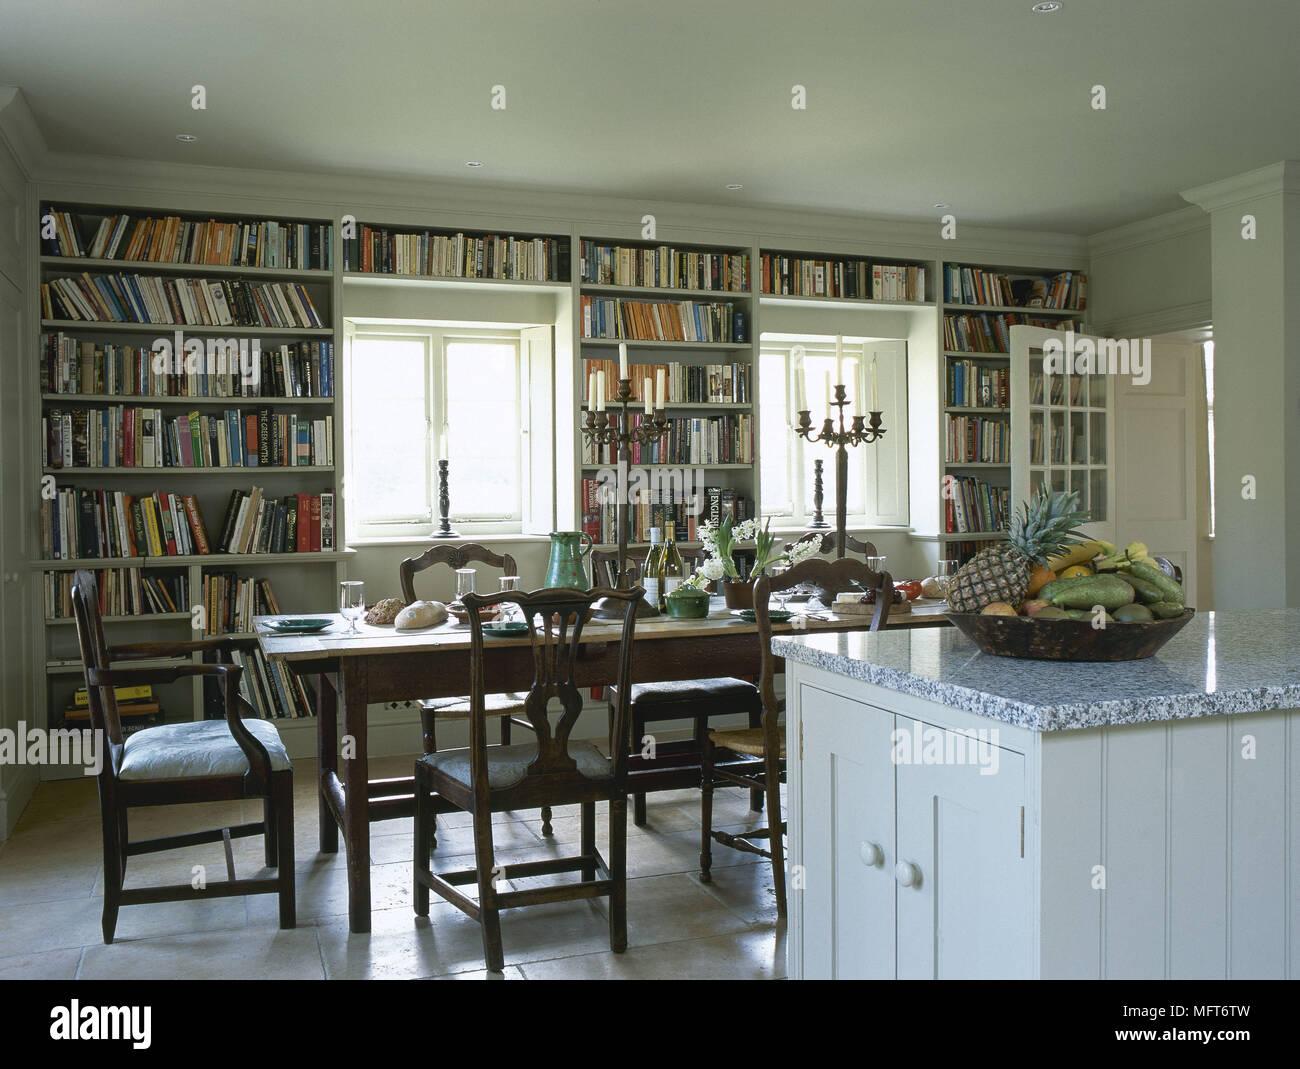 País tradicional cocina comedor isla central unidad encimera de granito  mesa de madera libro alineadas estanterías 4535dc159678